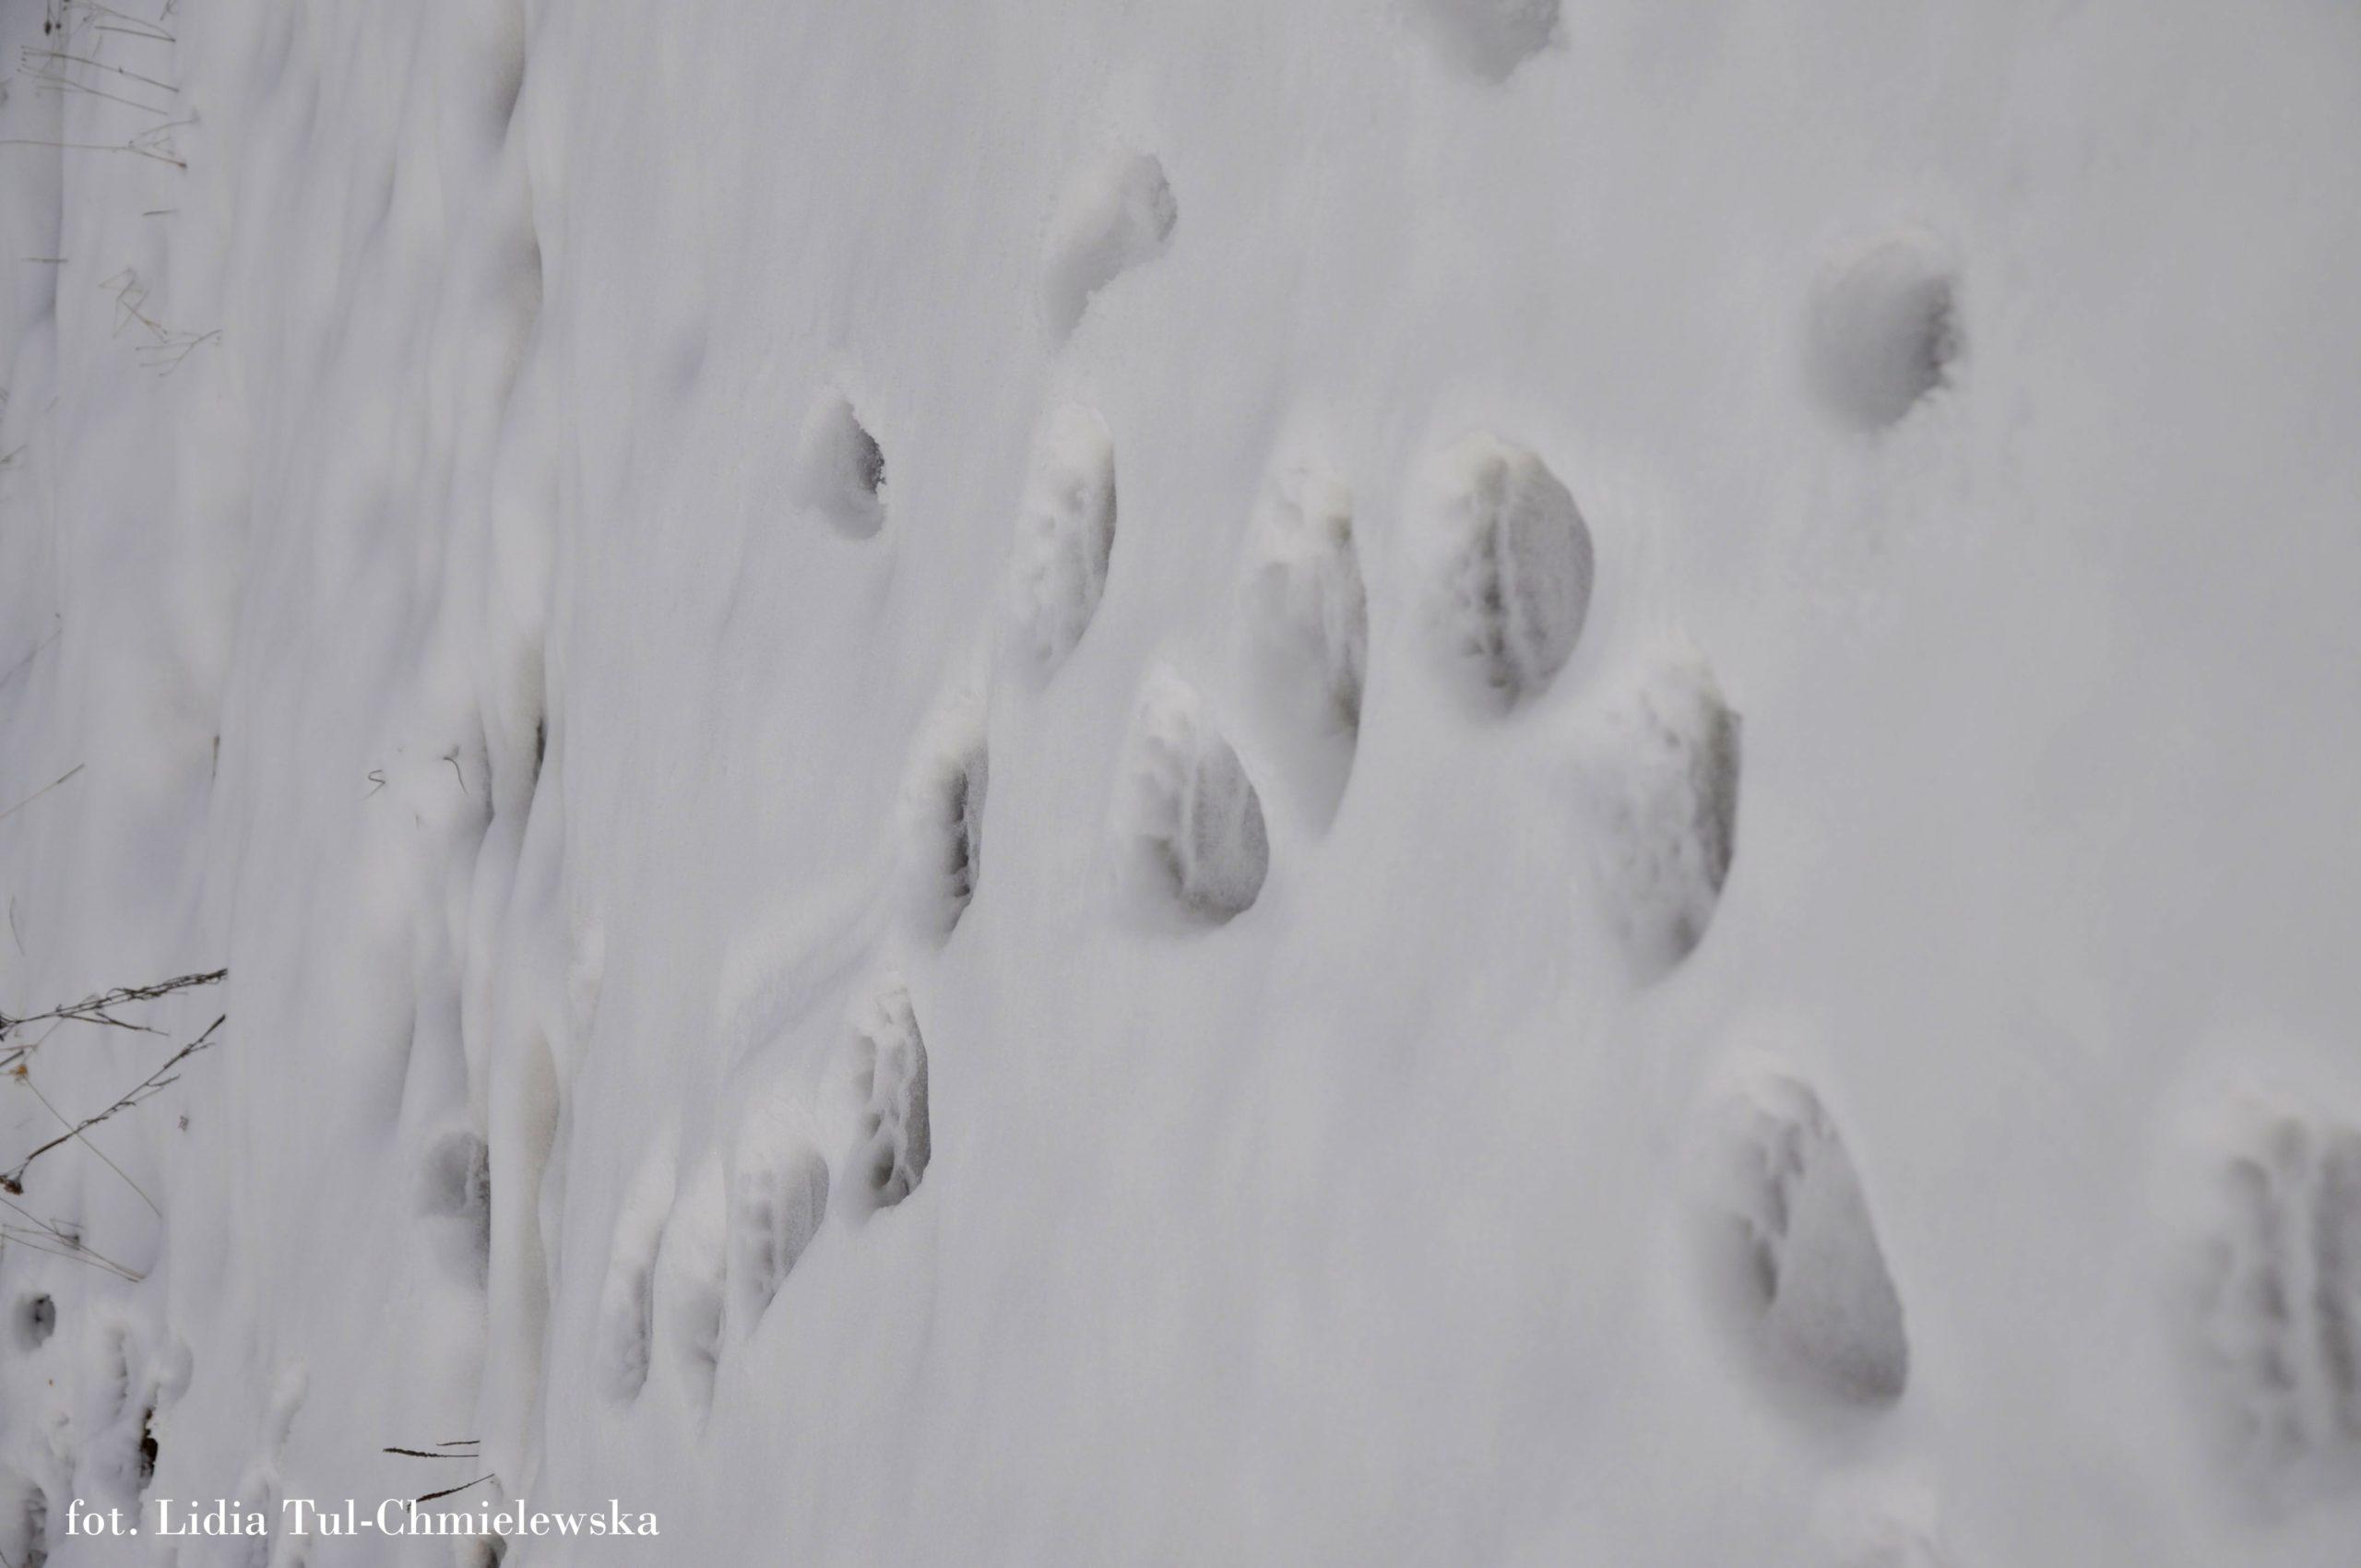 Tropy niedźwiedzia fot. Lidia Tul-Chmielewska